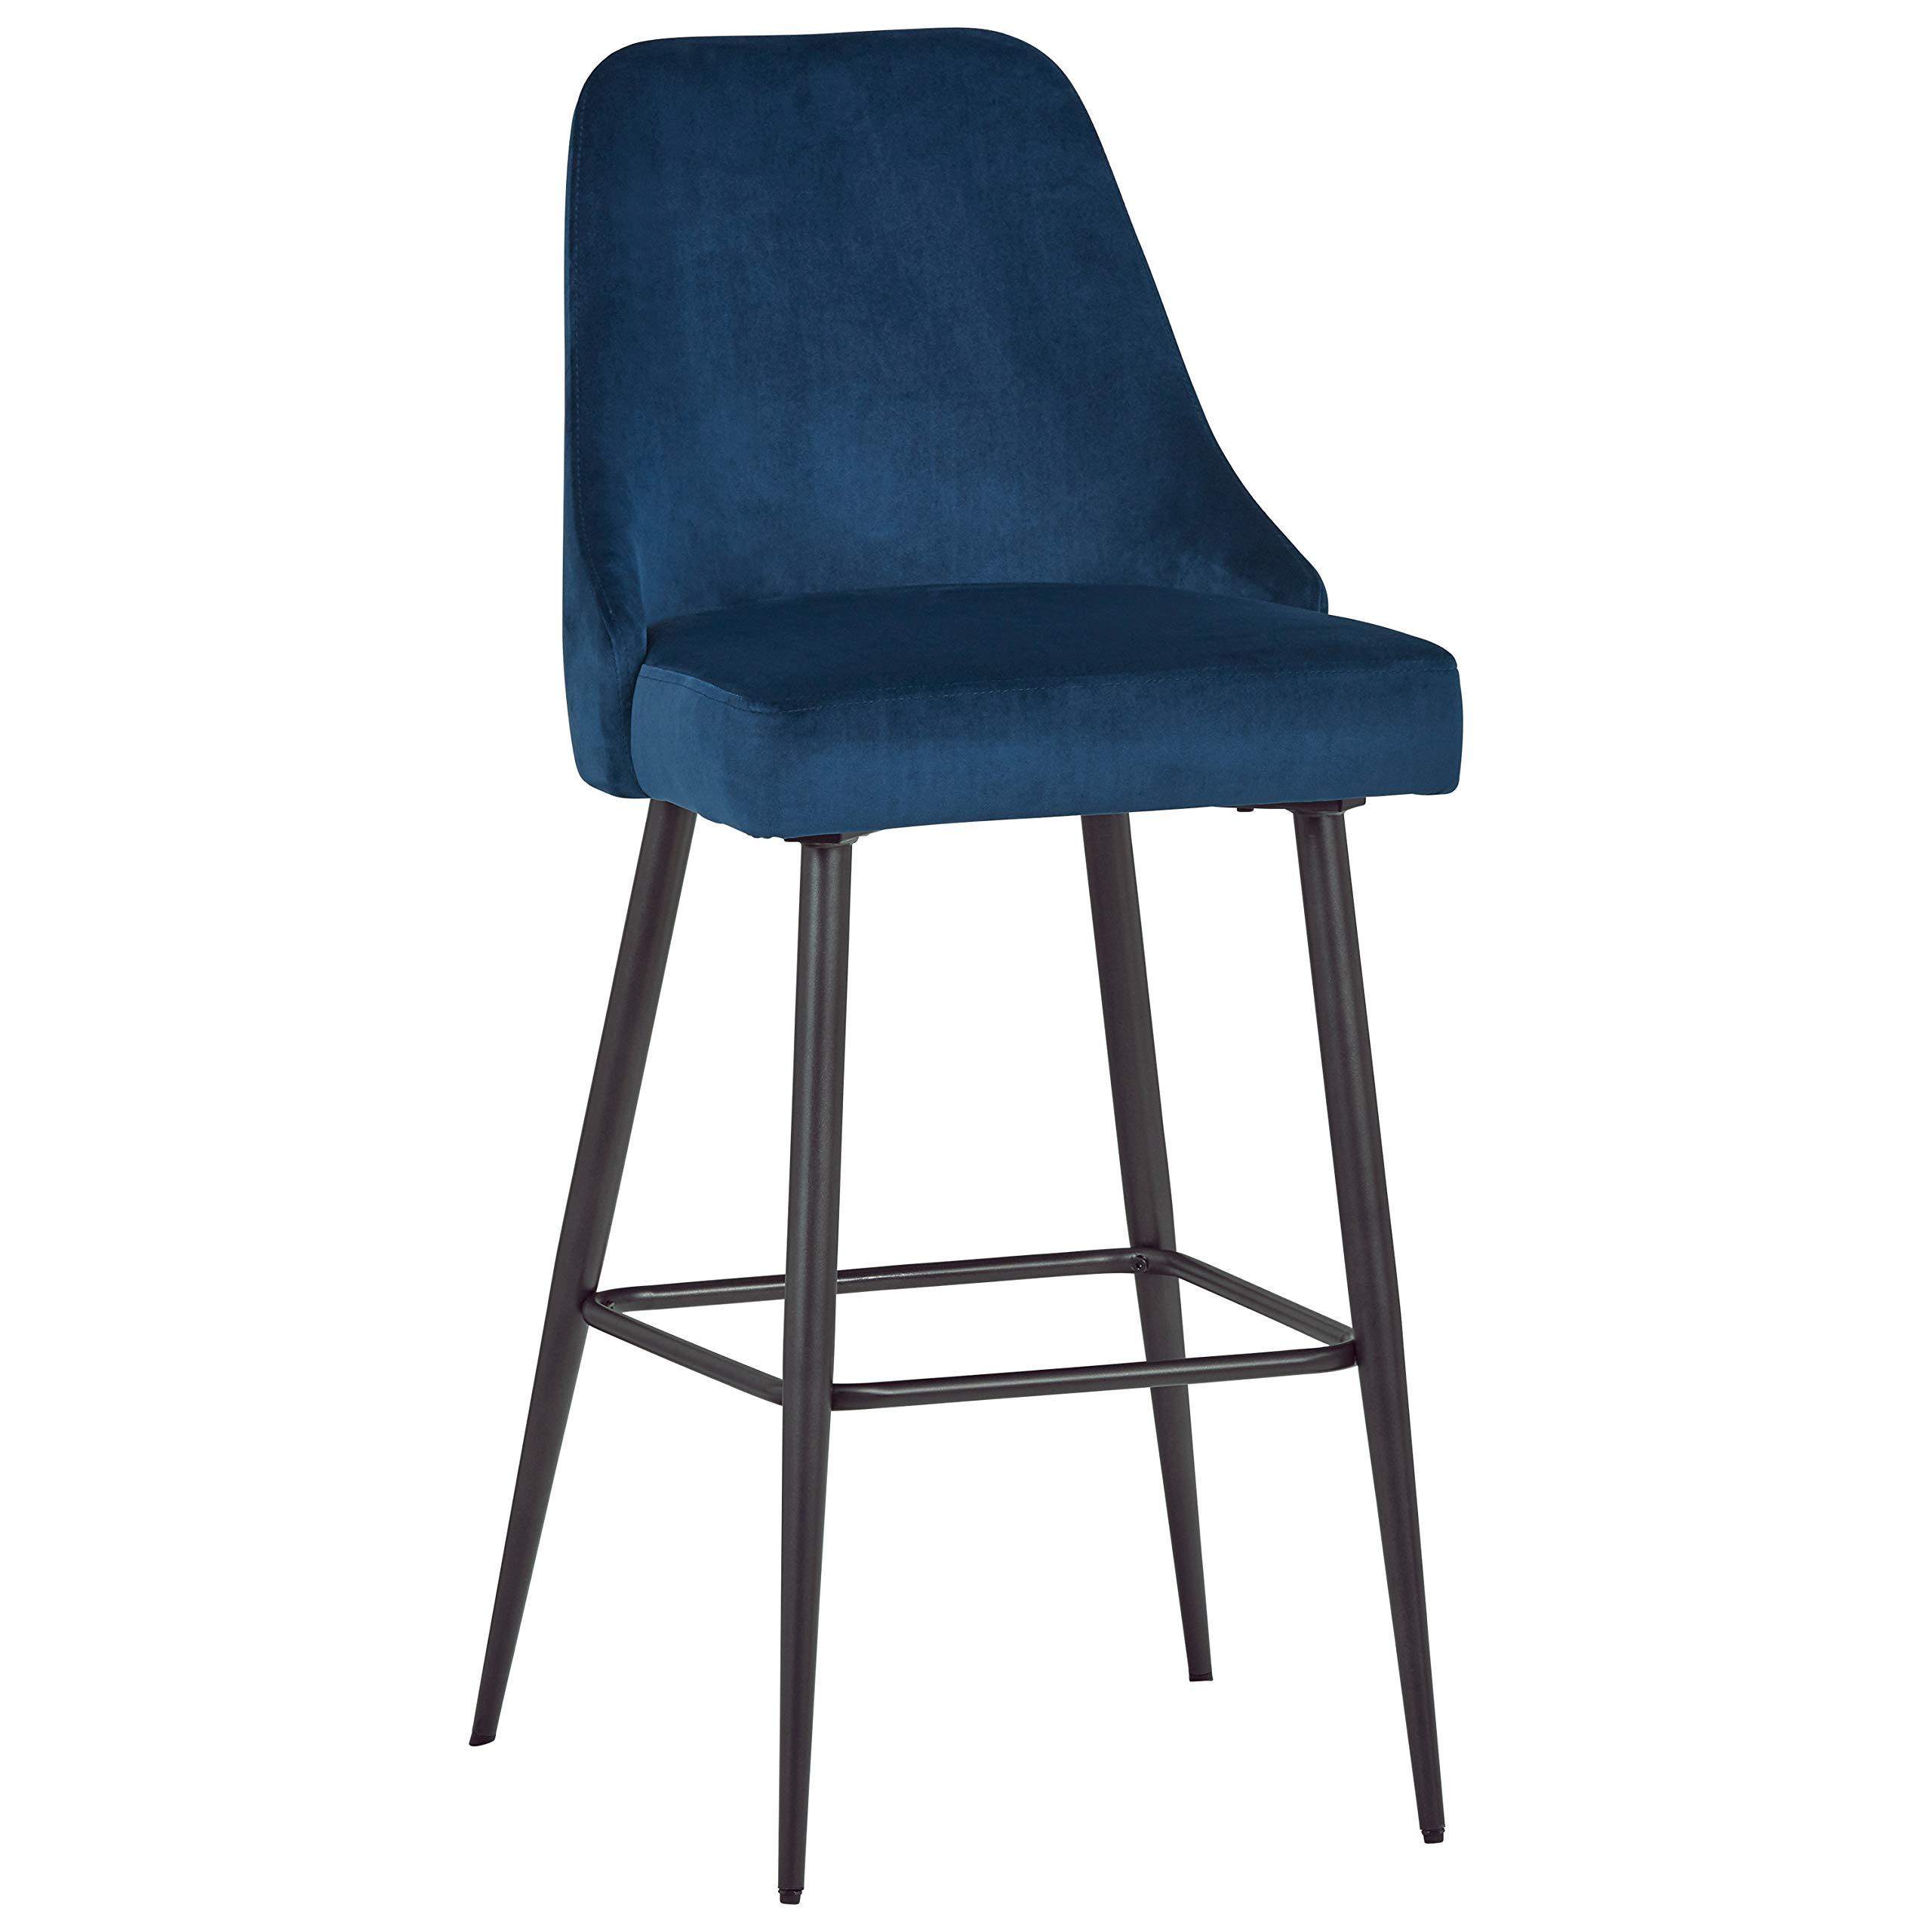 Rivet Modern High-Back Barstool, Set of 2, 43.5''H, Blue by Rivet